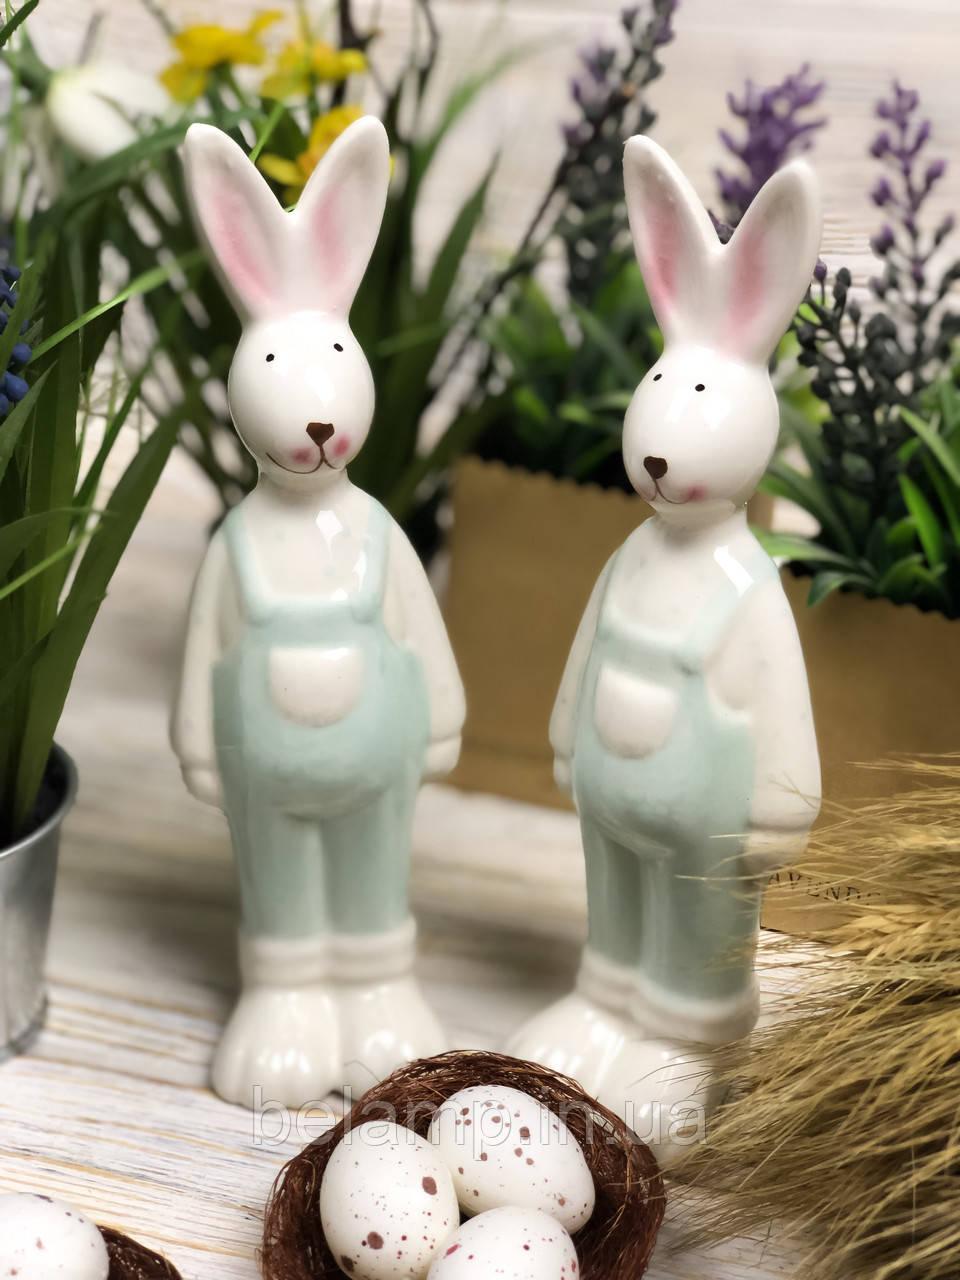 Пасхальный кролик в мятном костюме (Цена за 1 зайца)